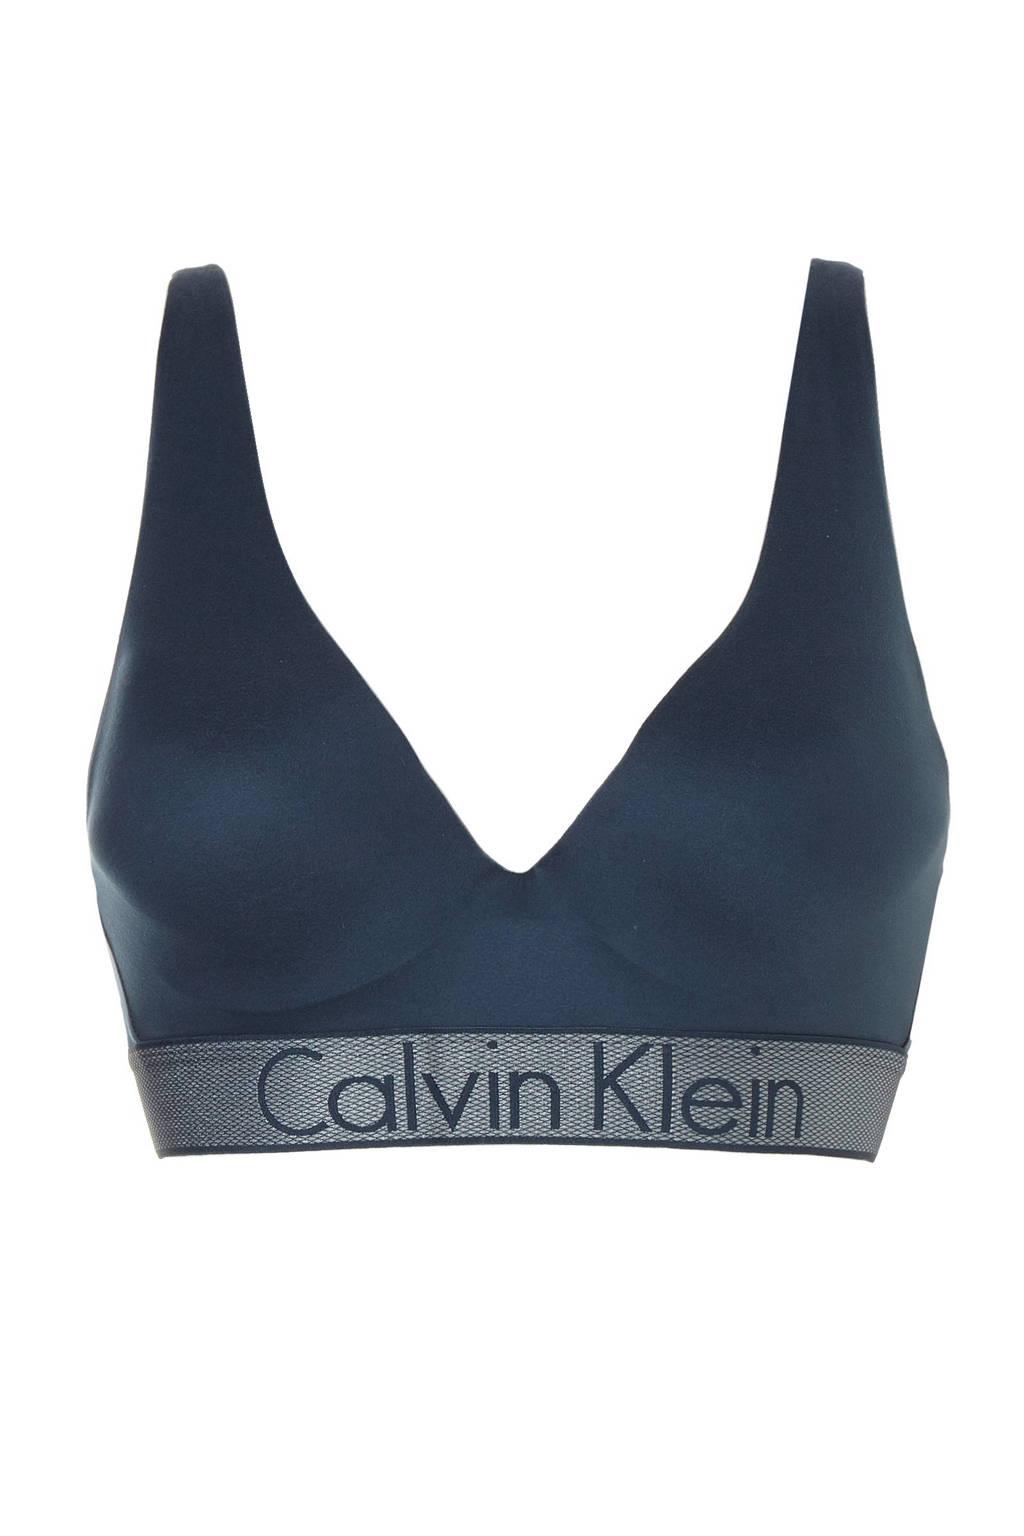 CALVIN KLEIN UNDERWEAR push-up bh, Blauw